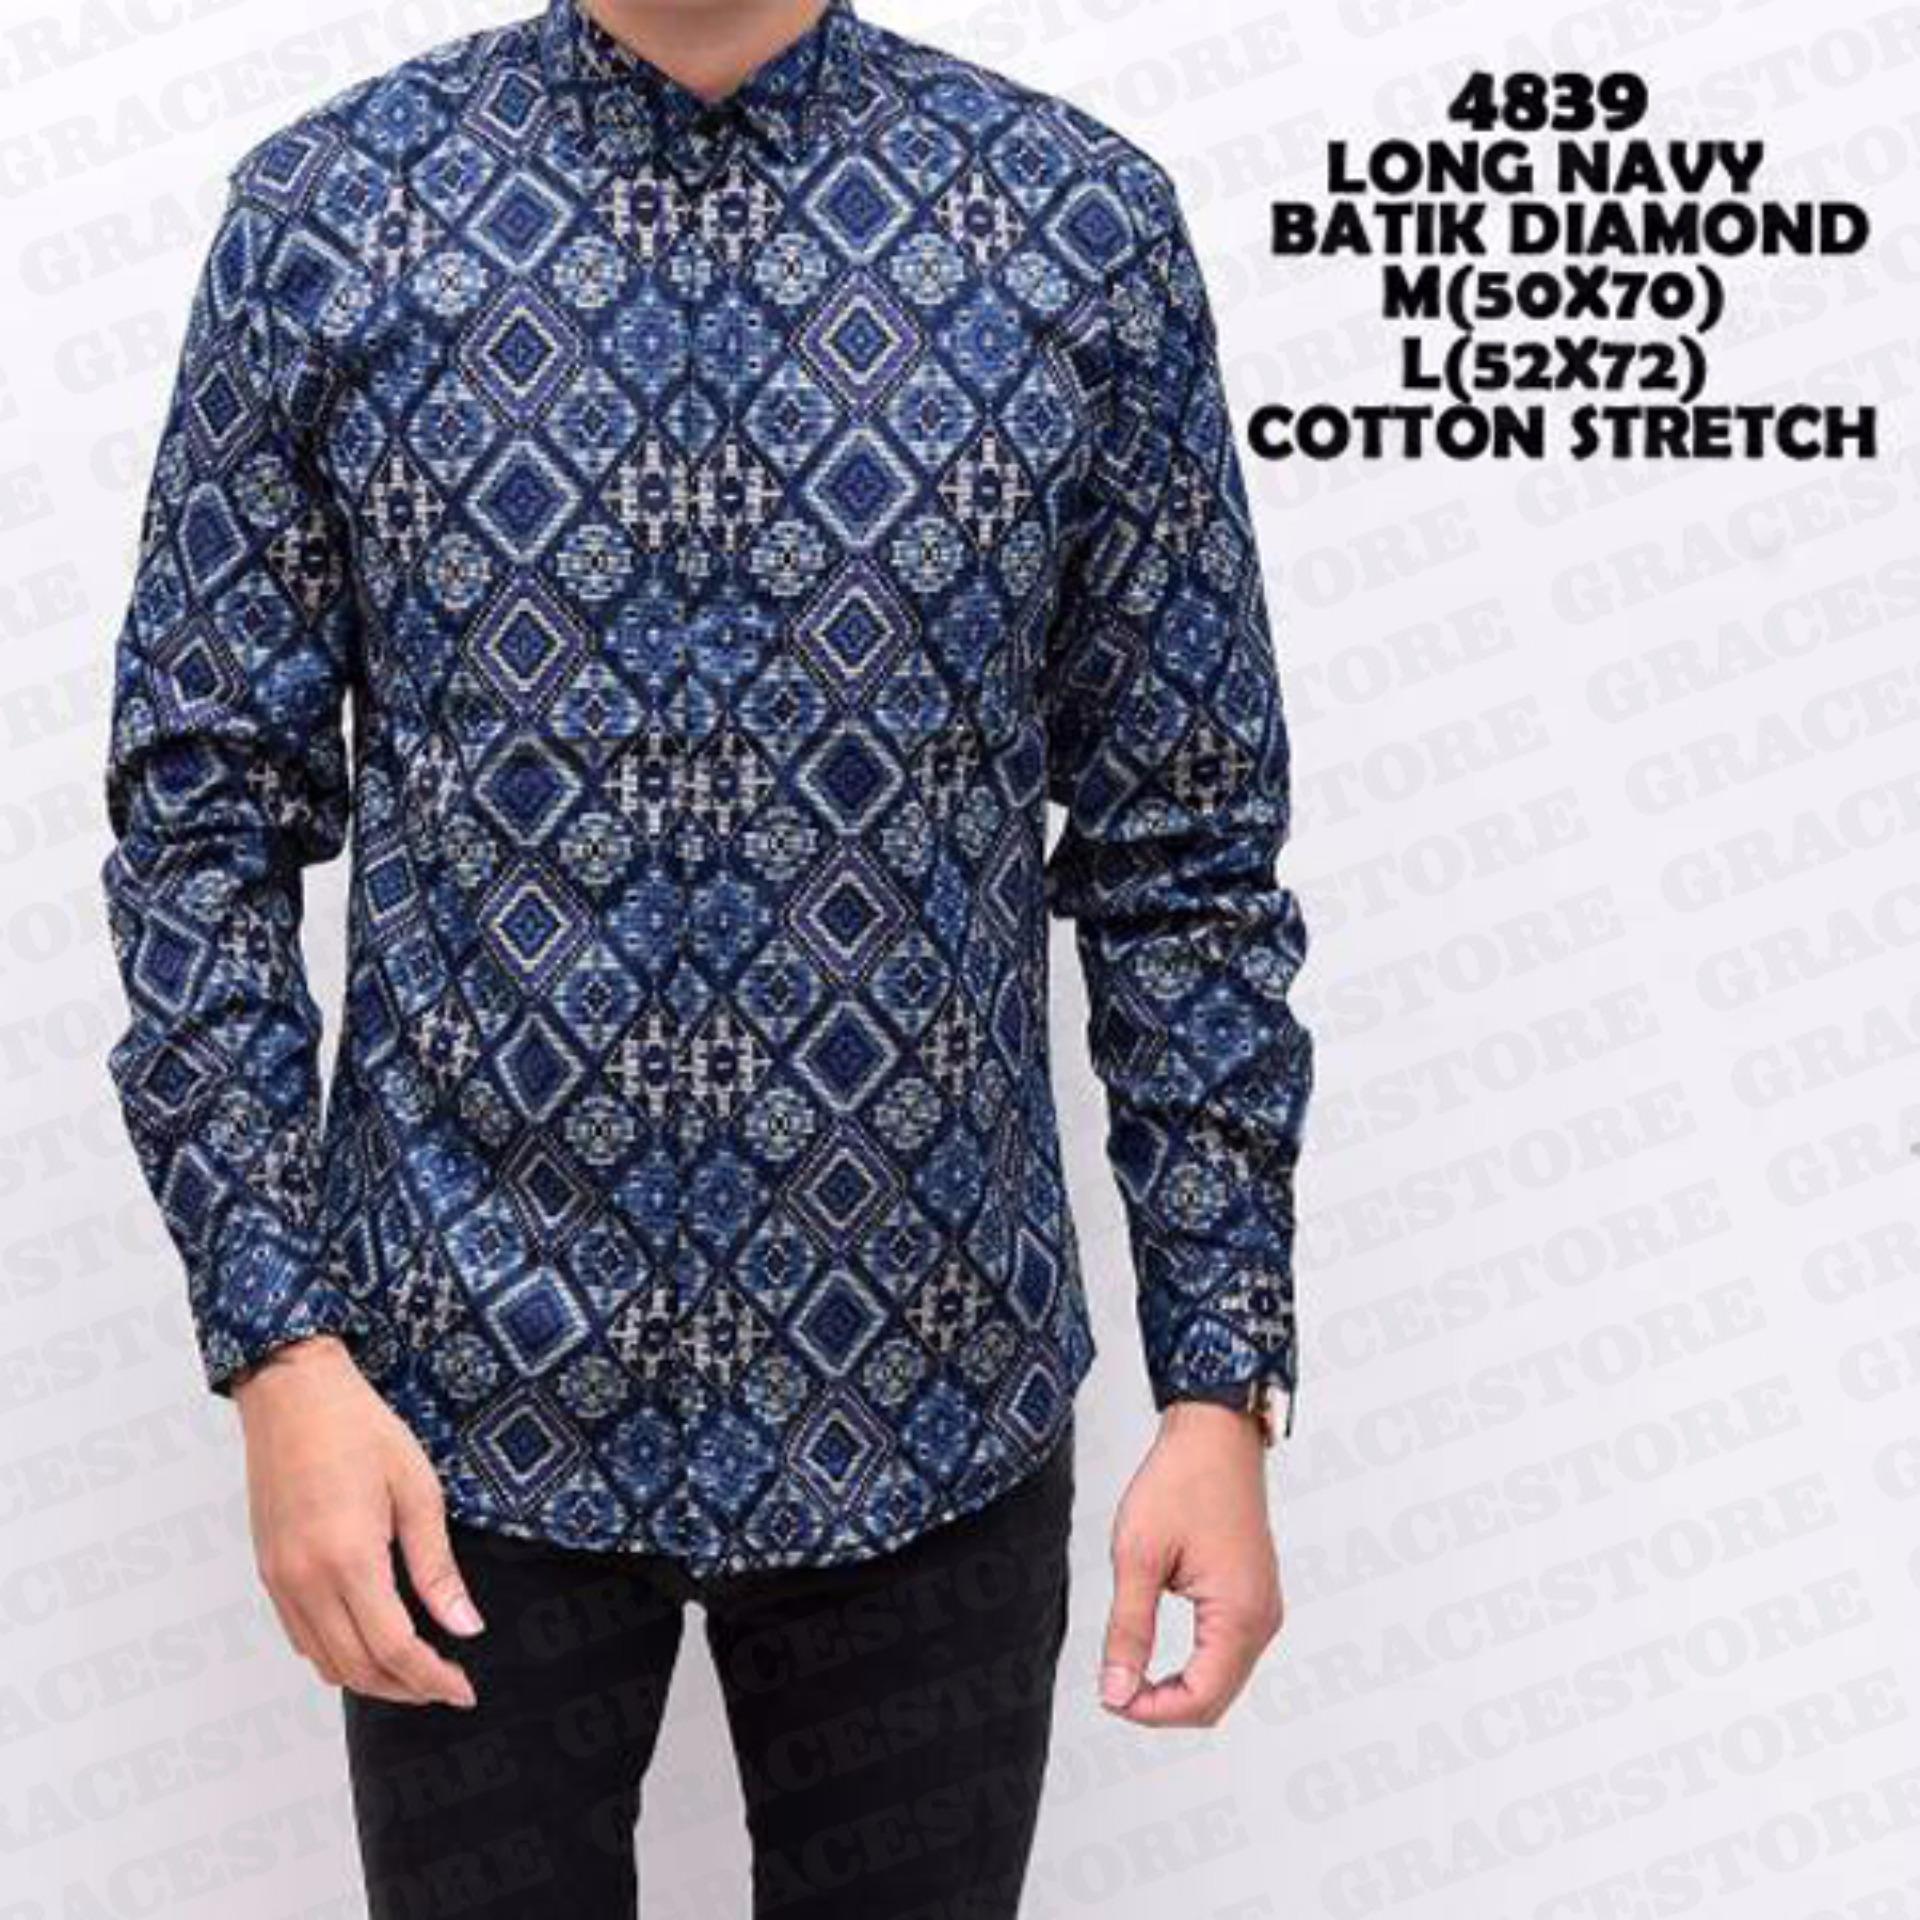 Adem dan nyaman dipakai Baju Batik Pria Lengan Panjang Kemeja Batik Pria Batik Long Biru Diamond Batik